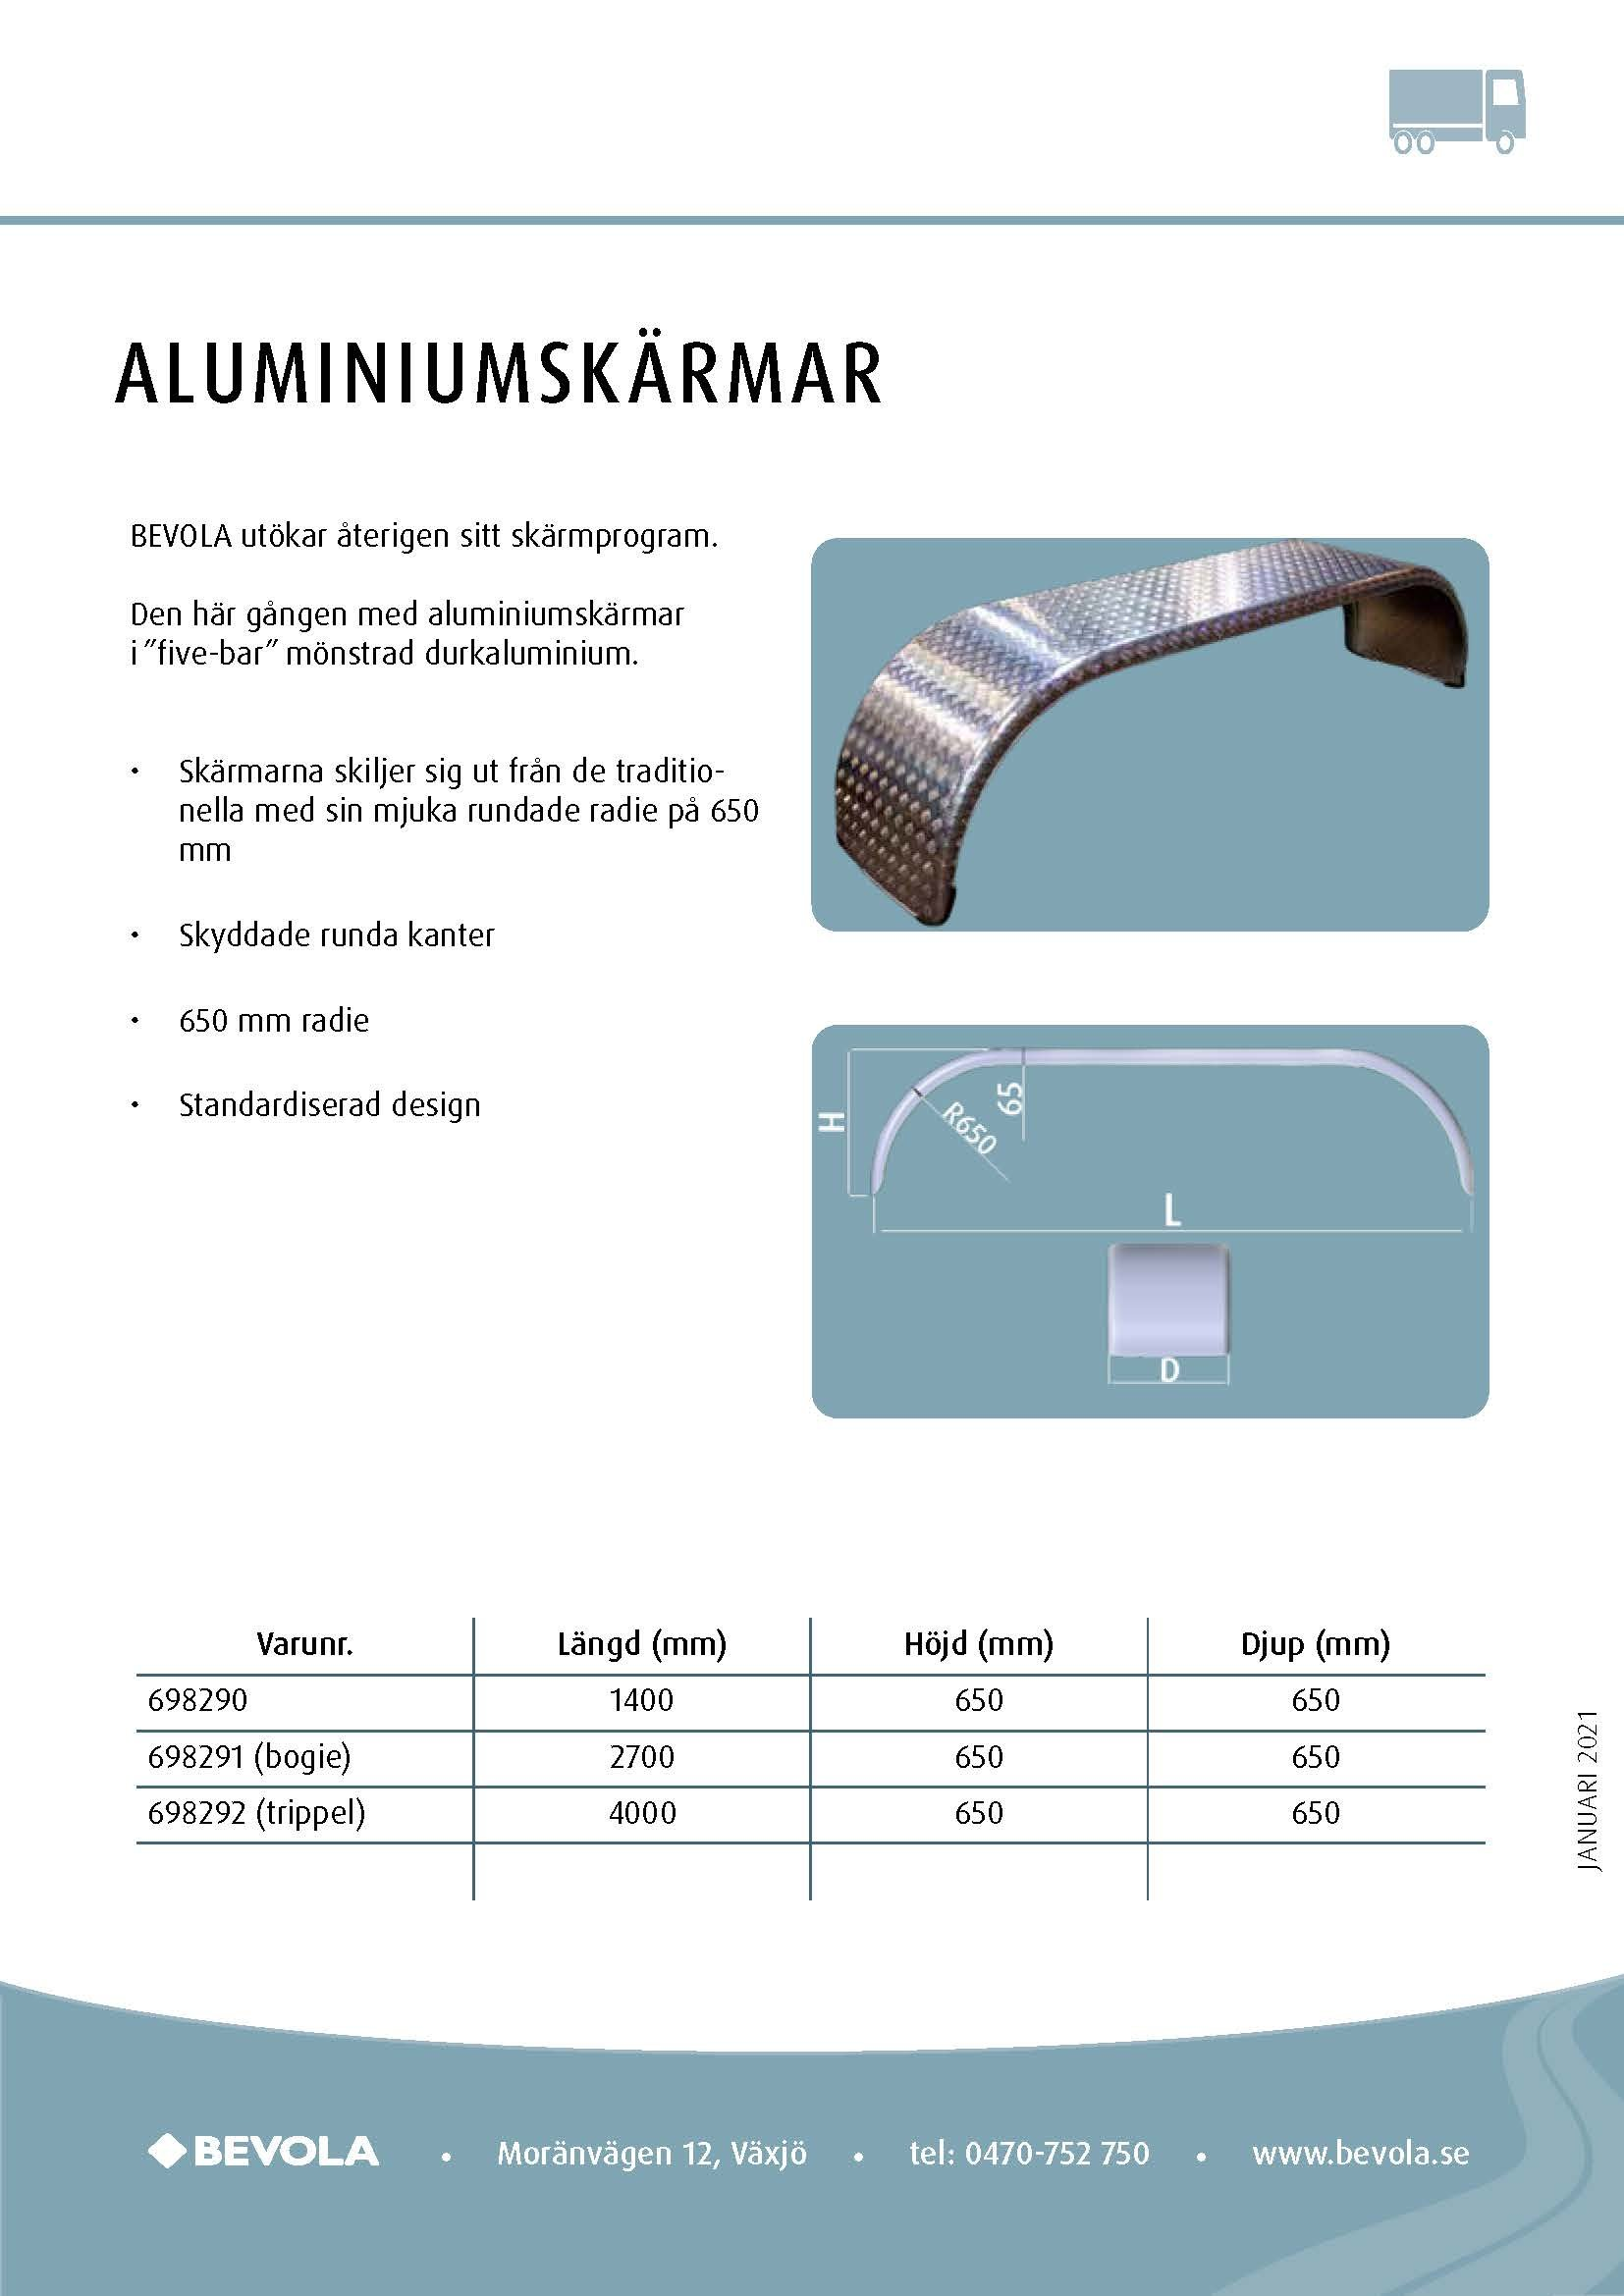 Aluminiumskärmar